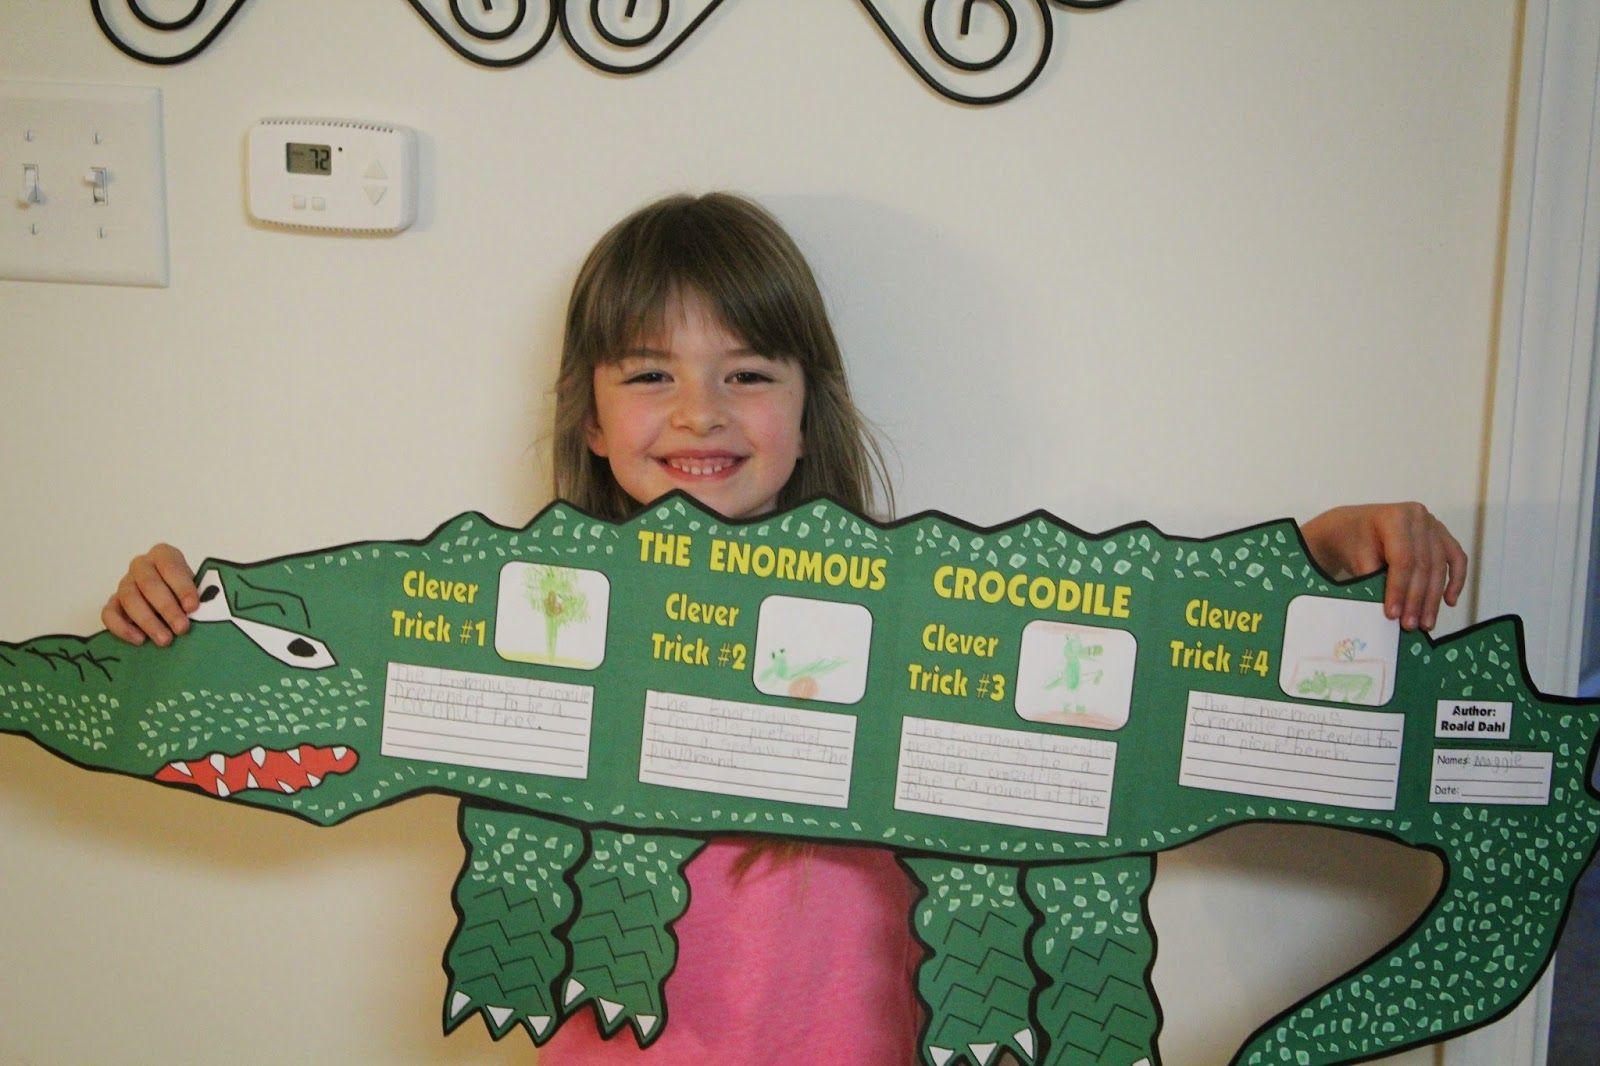 Spark And All Roald Dahl S The Enormous Crocodile Book